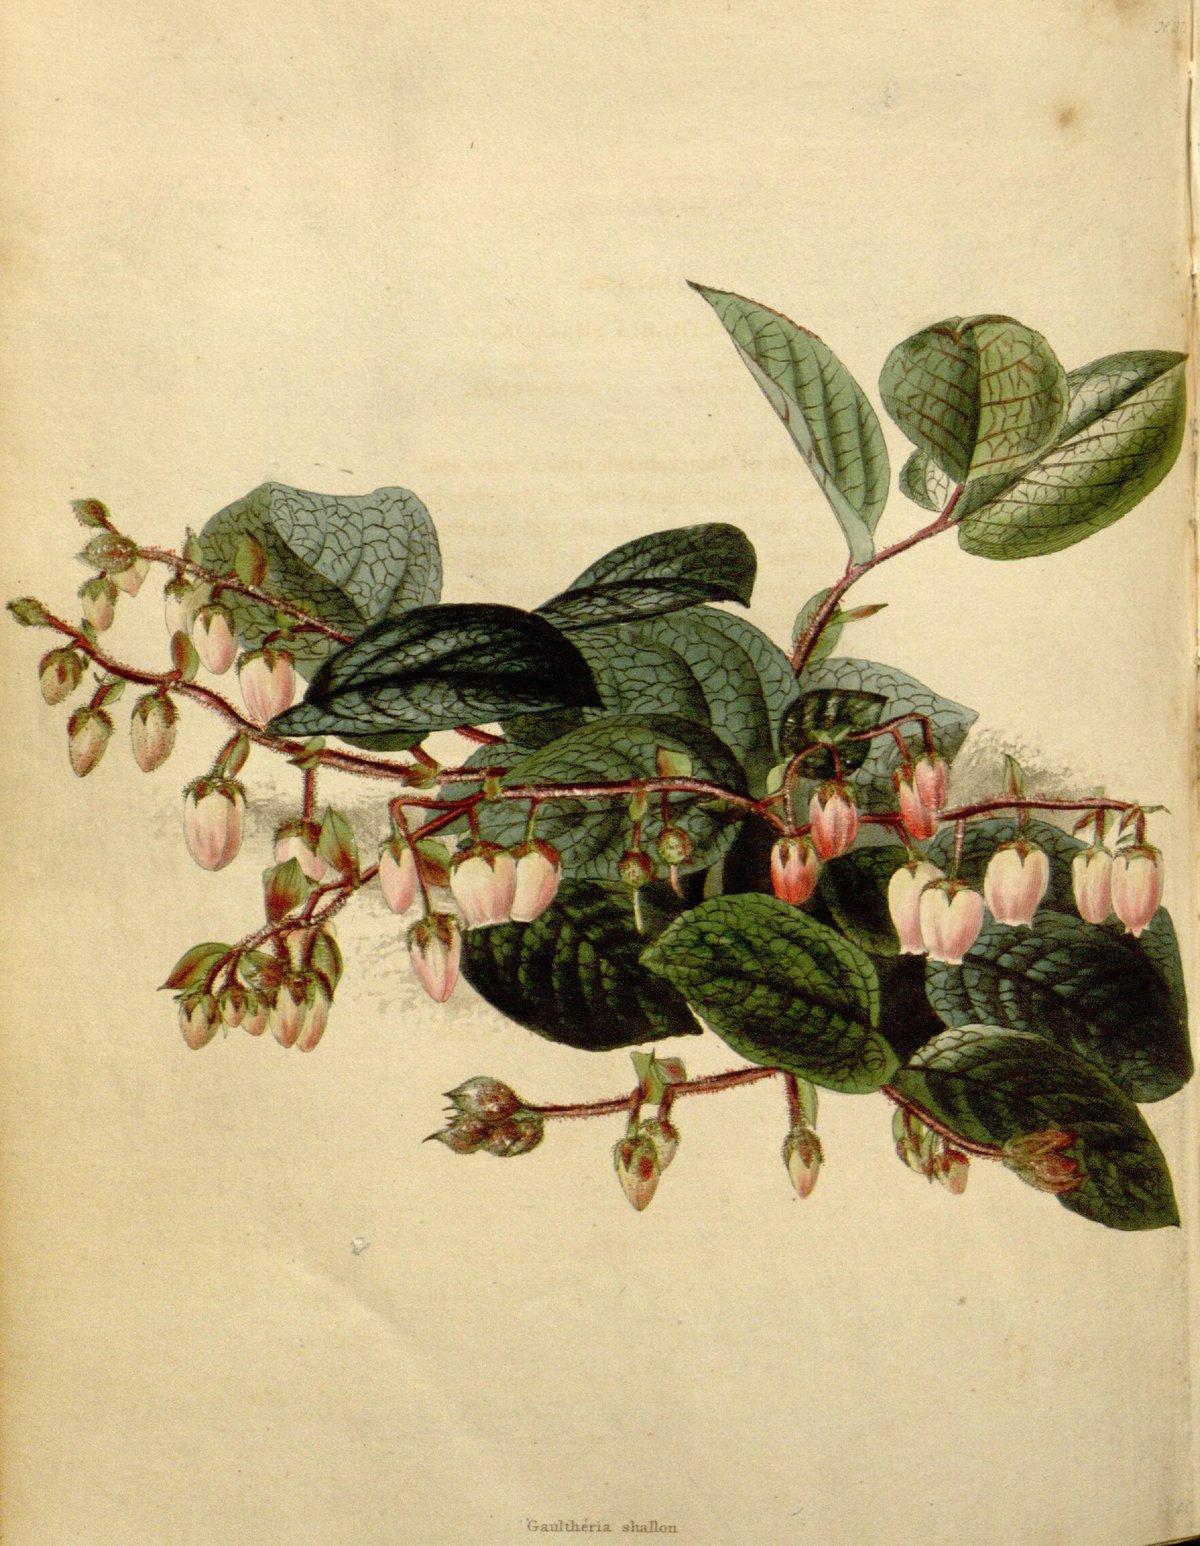 Salal : Gaultheria shallon